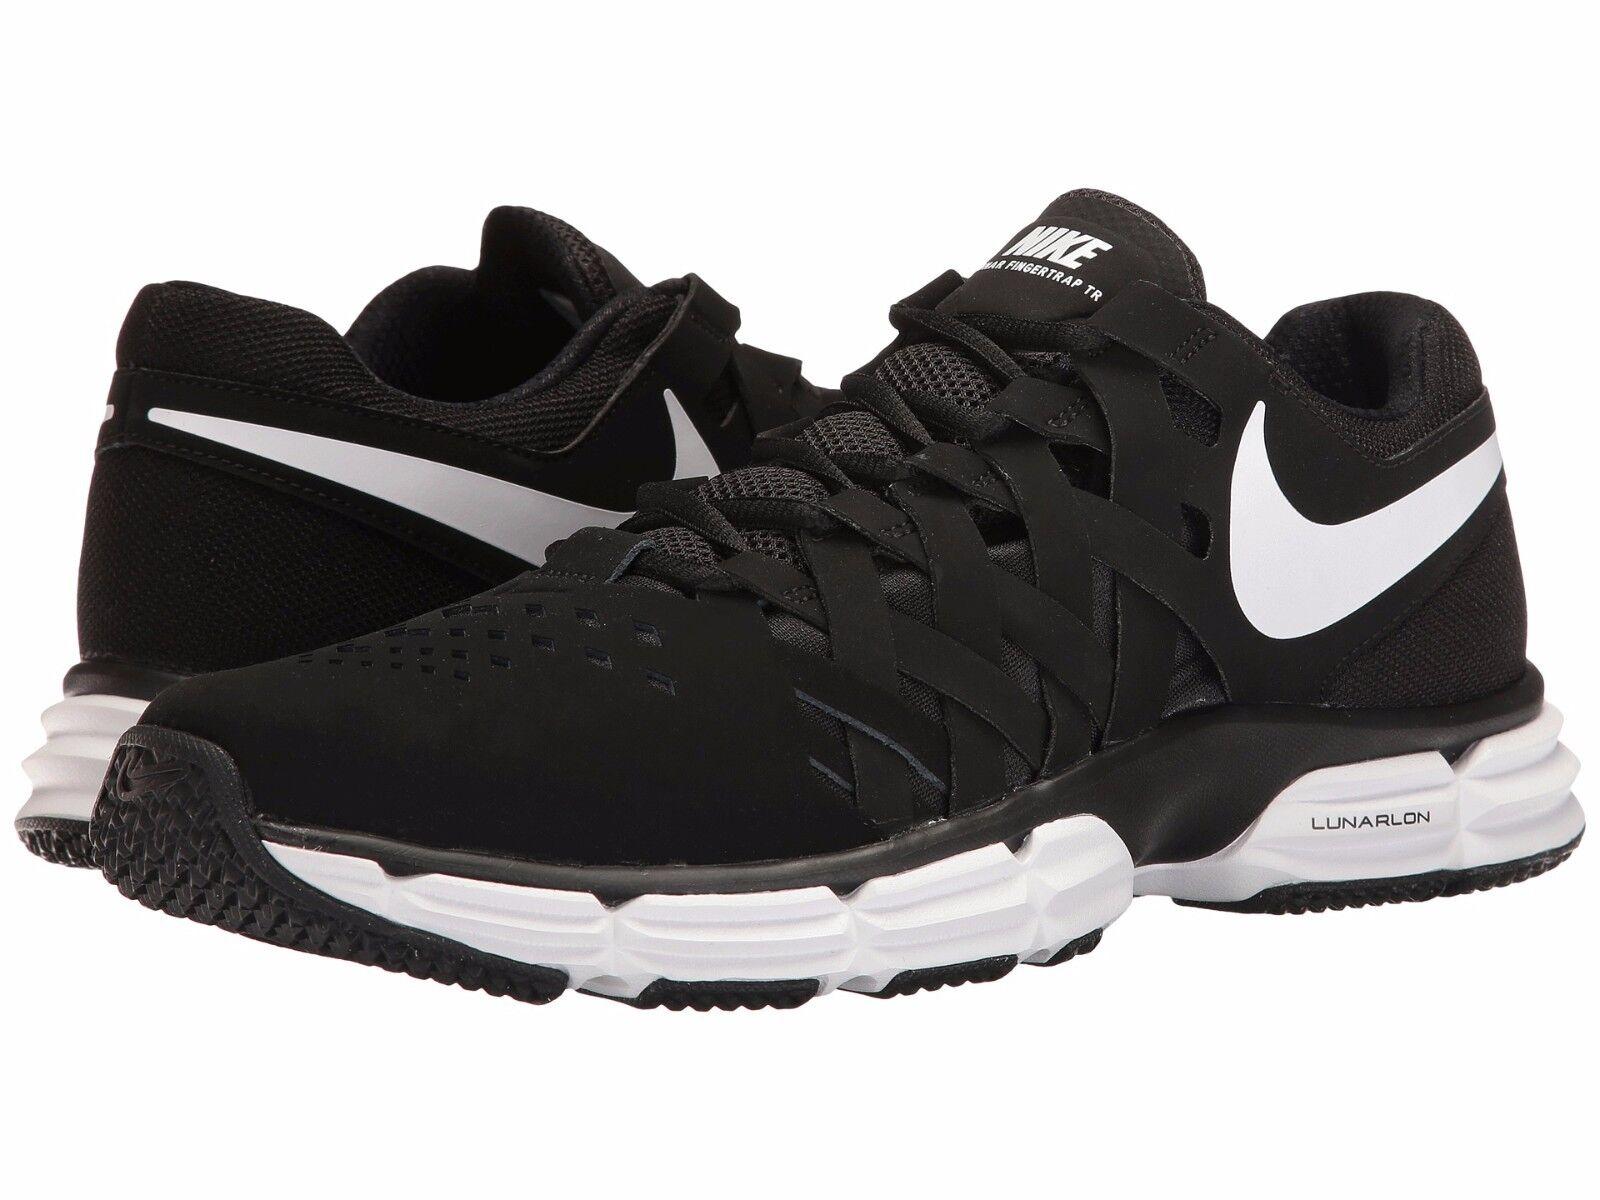 NIB Zapatillas DE LOS HOMBRES Nike Lunar FINGERTRAP TR Zapatillas NIB Revolución Negro 263a77